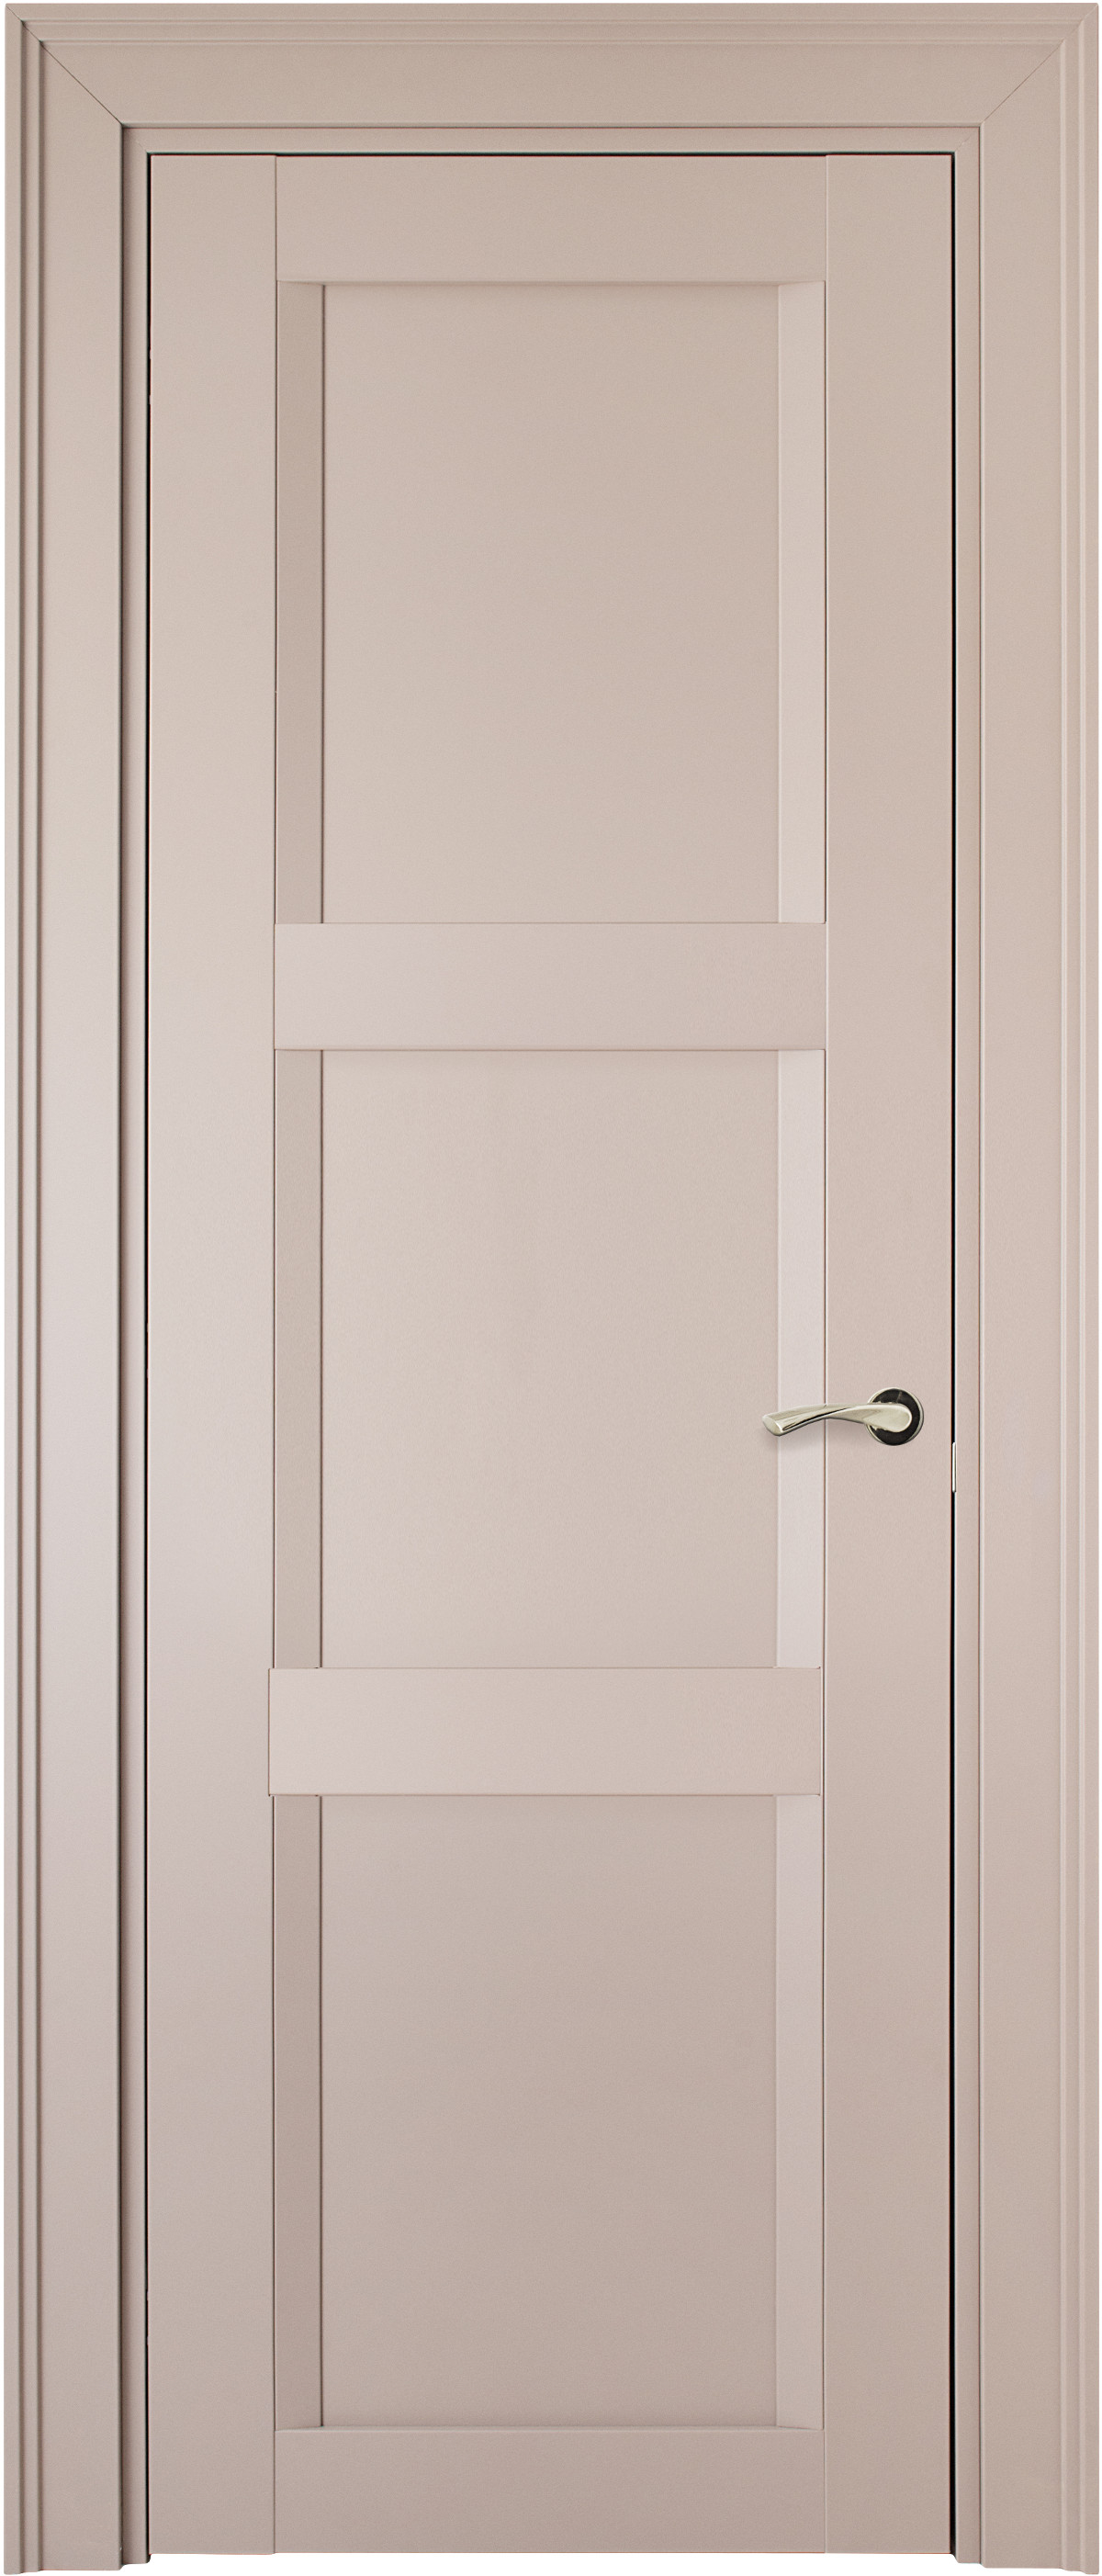 Итальянские двери Scala 3B